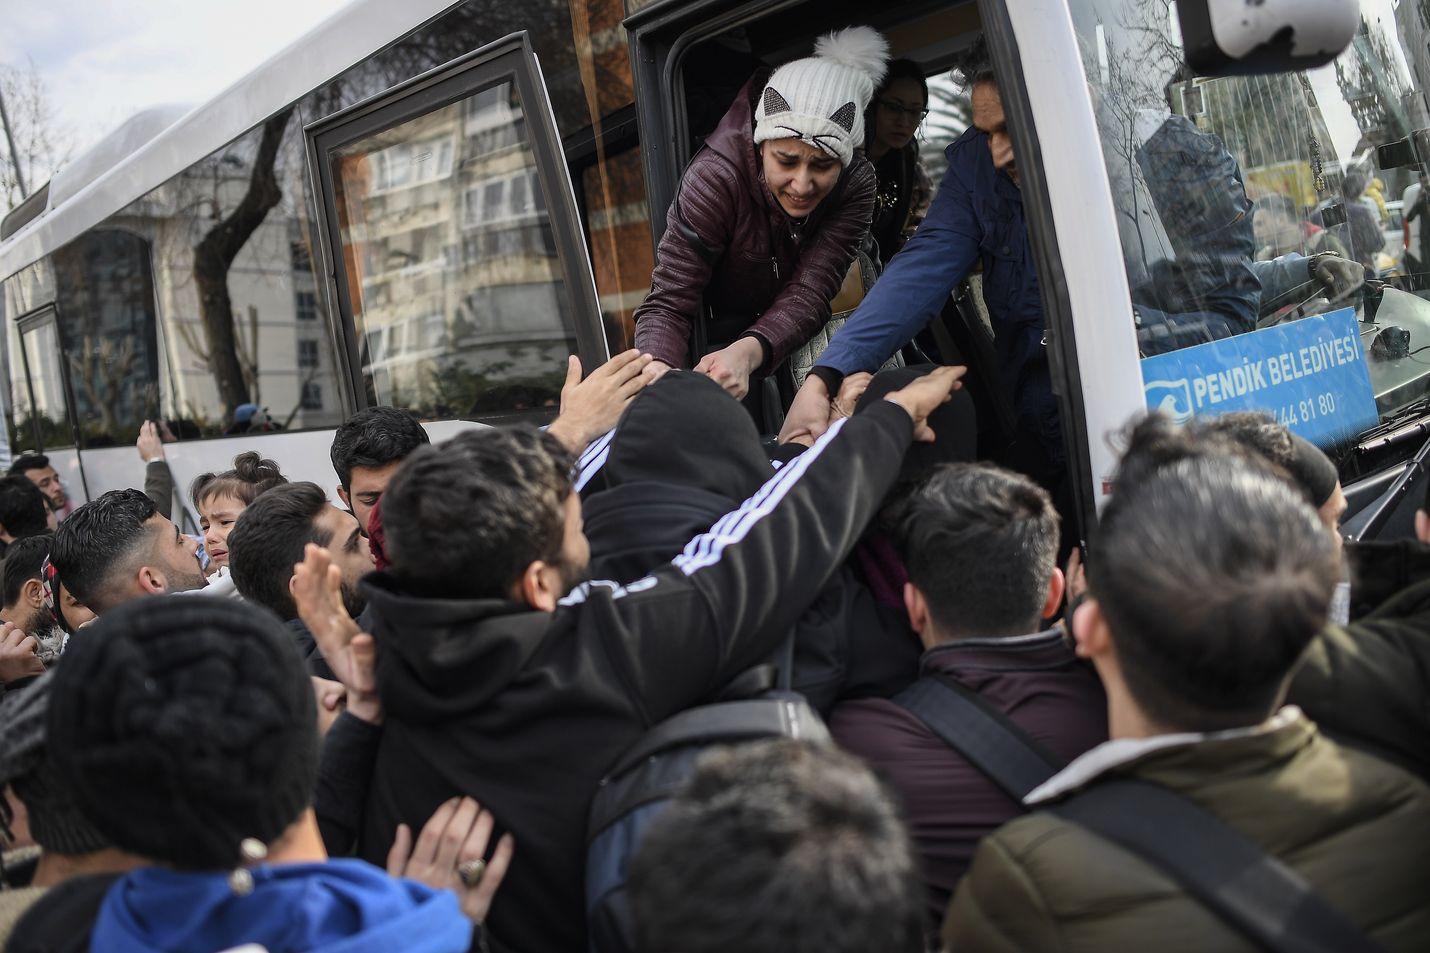 Istanbulin linja-autoasemalla oli tungosta, kun monet syyrialaiset pakolaiset olivat lähdössä kohti Turkin ja Euroopan välistä rajaa.